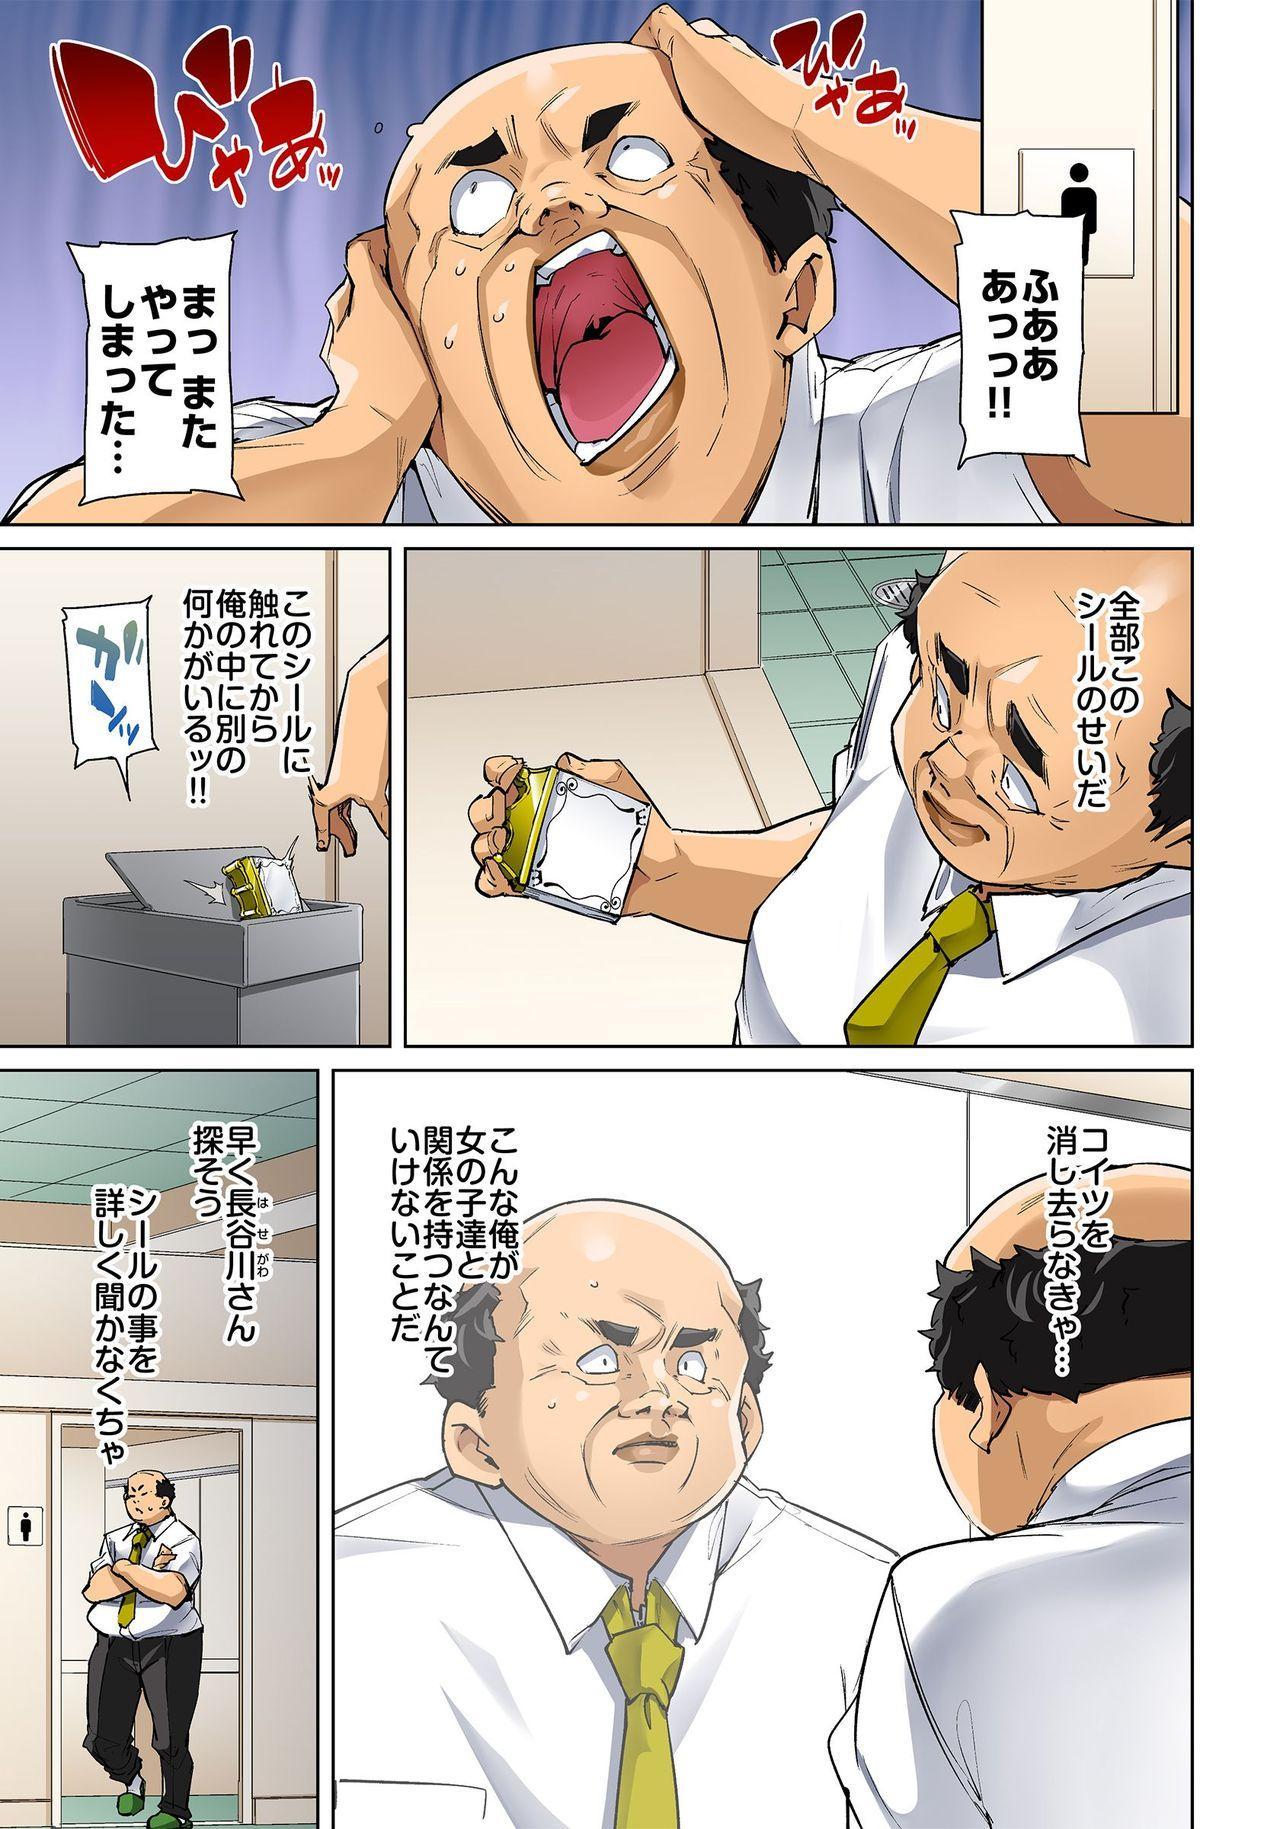 [Marui Maru] Hattara Yarechau!? Ero Seal ~Wagamama JK no Asoko o Tatta 1-mai de Dorei ni~ 1-16 [Digital] 425